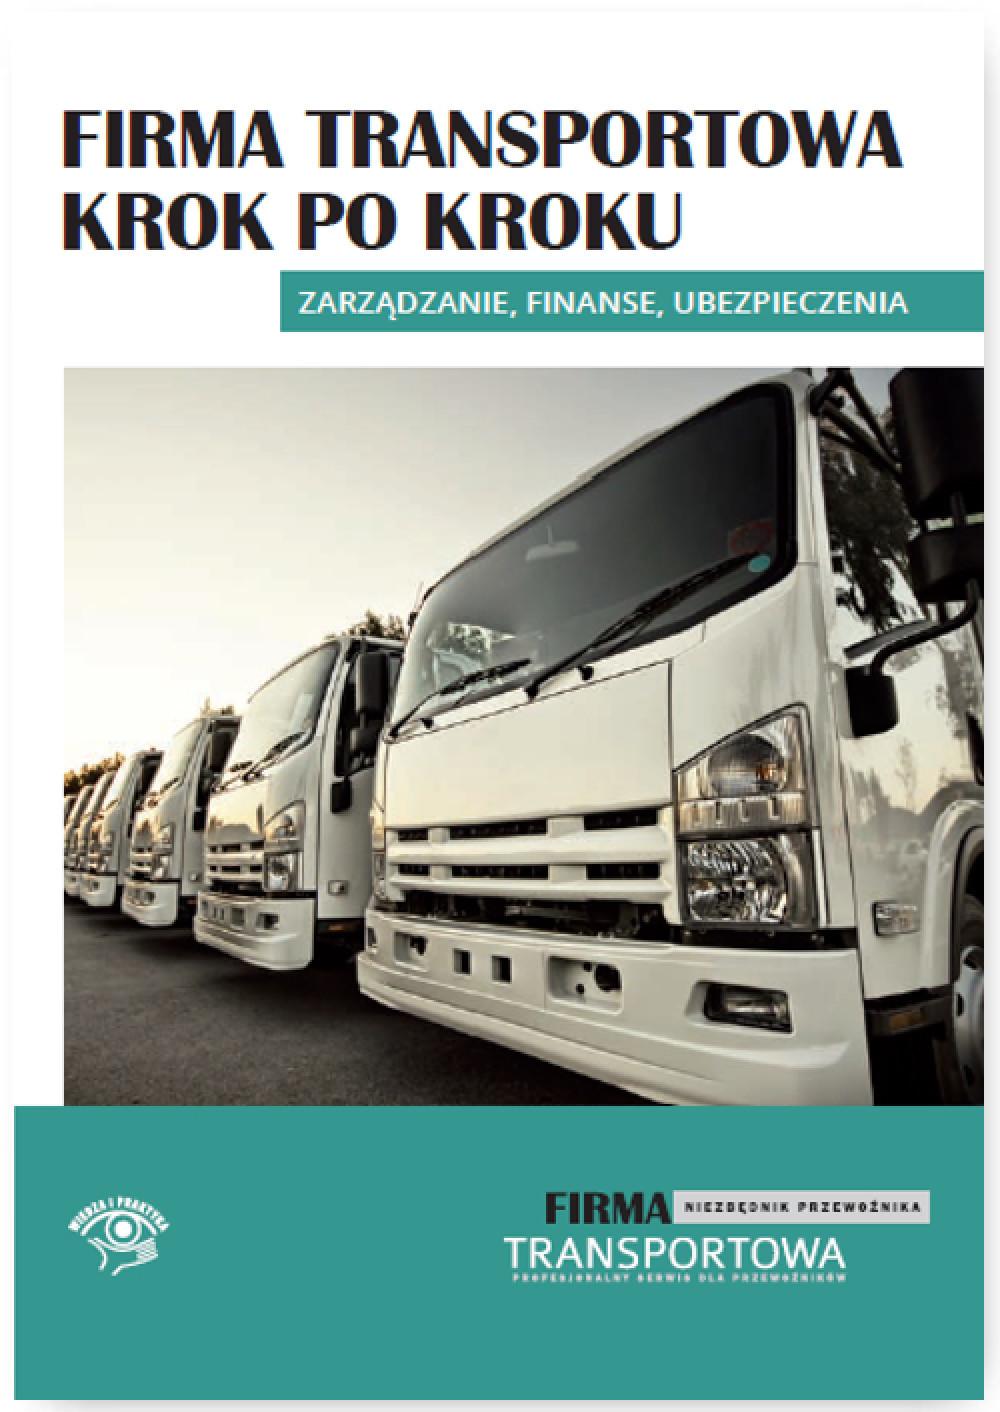 Firma transportowa krok po kroku - zarządzanie, finanse, ubezpieczenia ebook